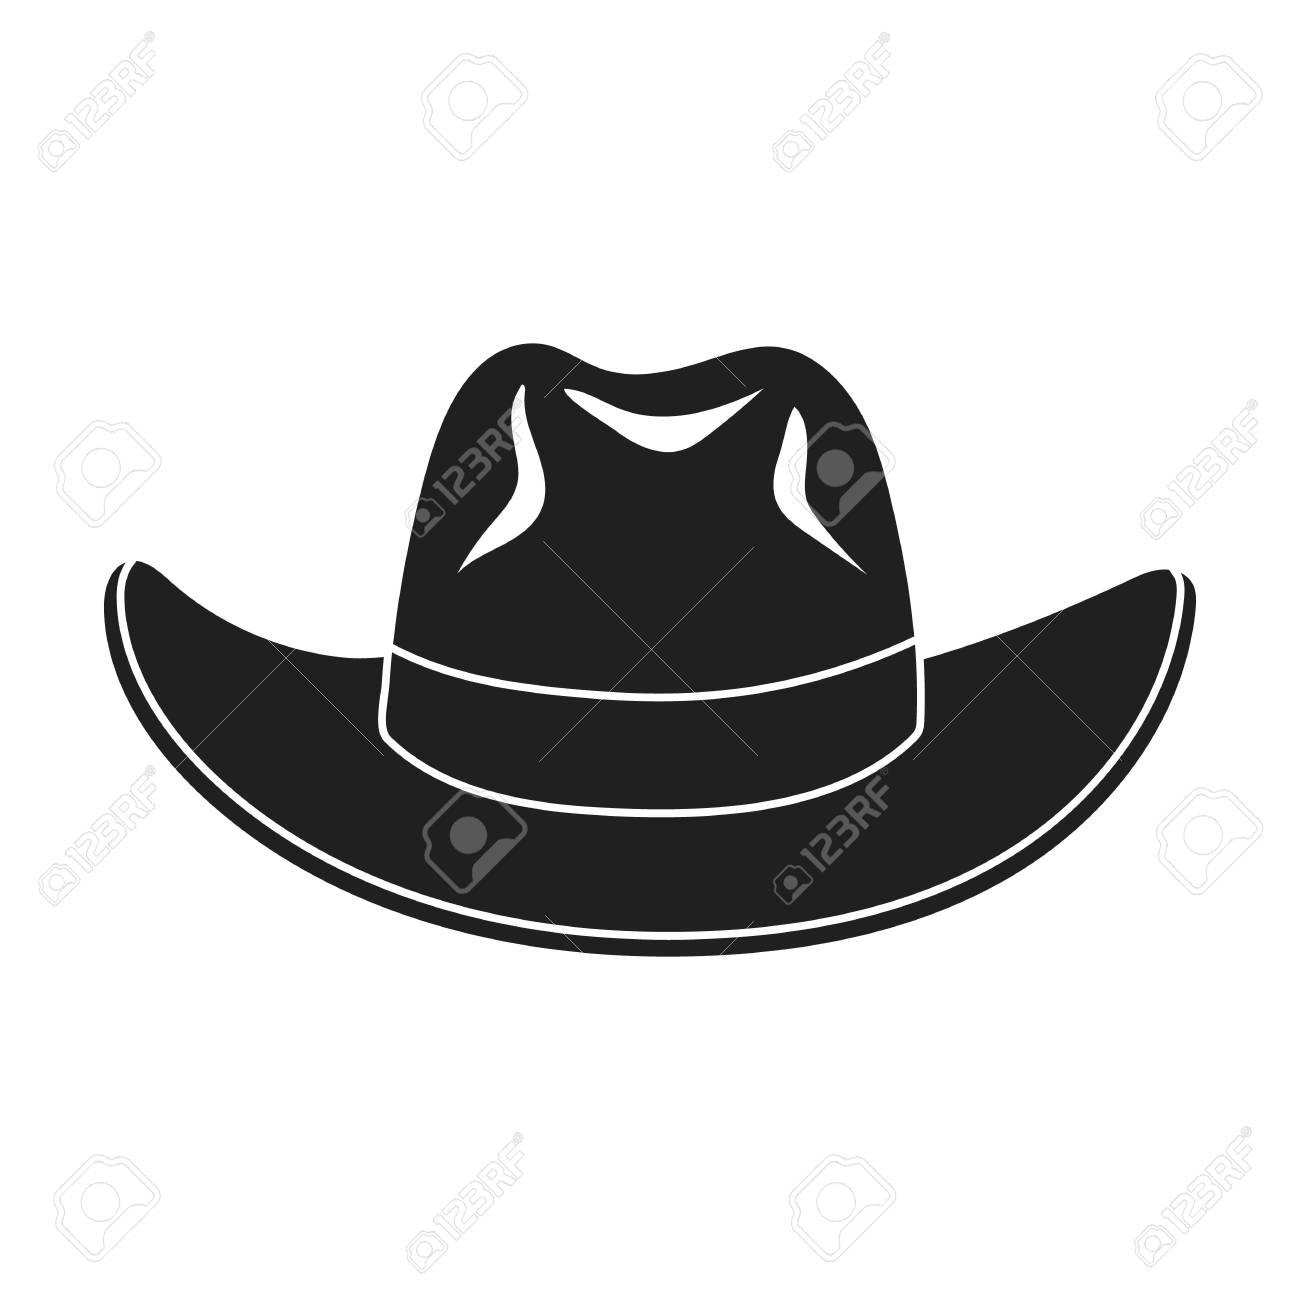 Foto de archivo - Icono de sombrero de vaquero en estilo negro aislado  sobre fondo blanco. Ilustración de vector de símbolo de sombreros. 09bd8828c50